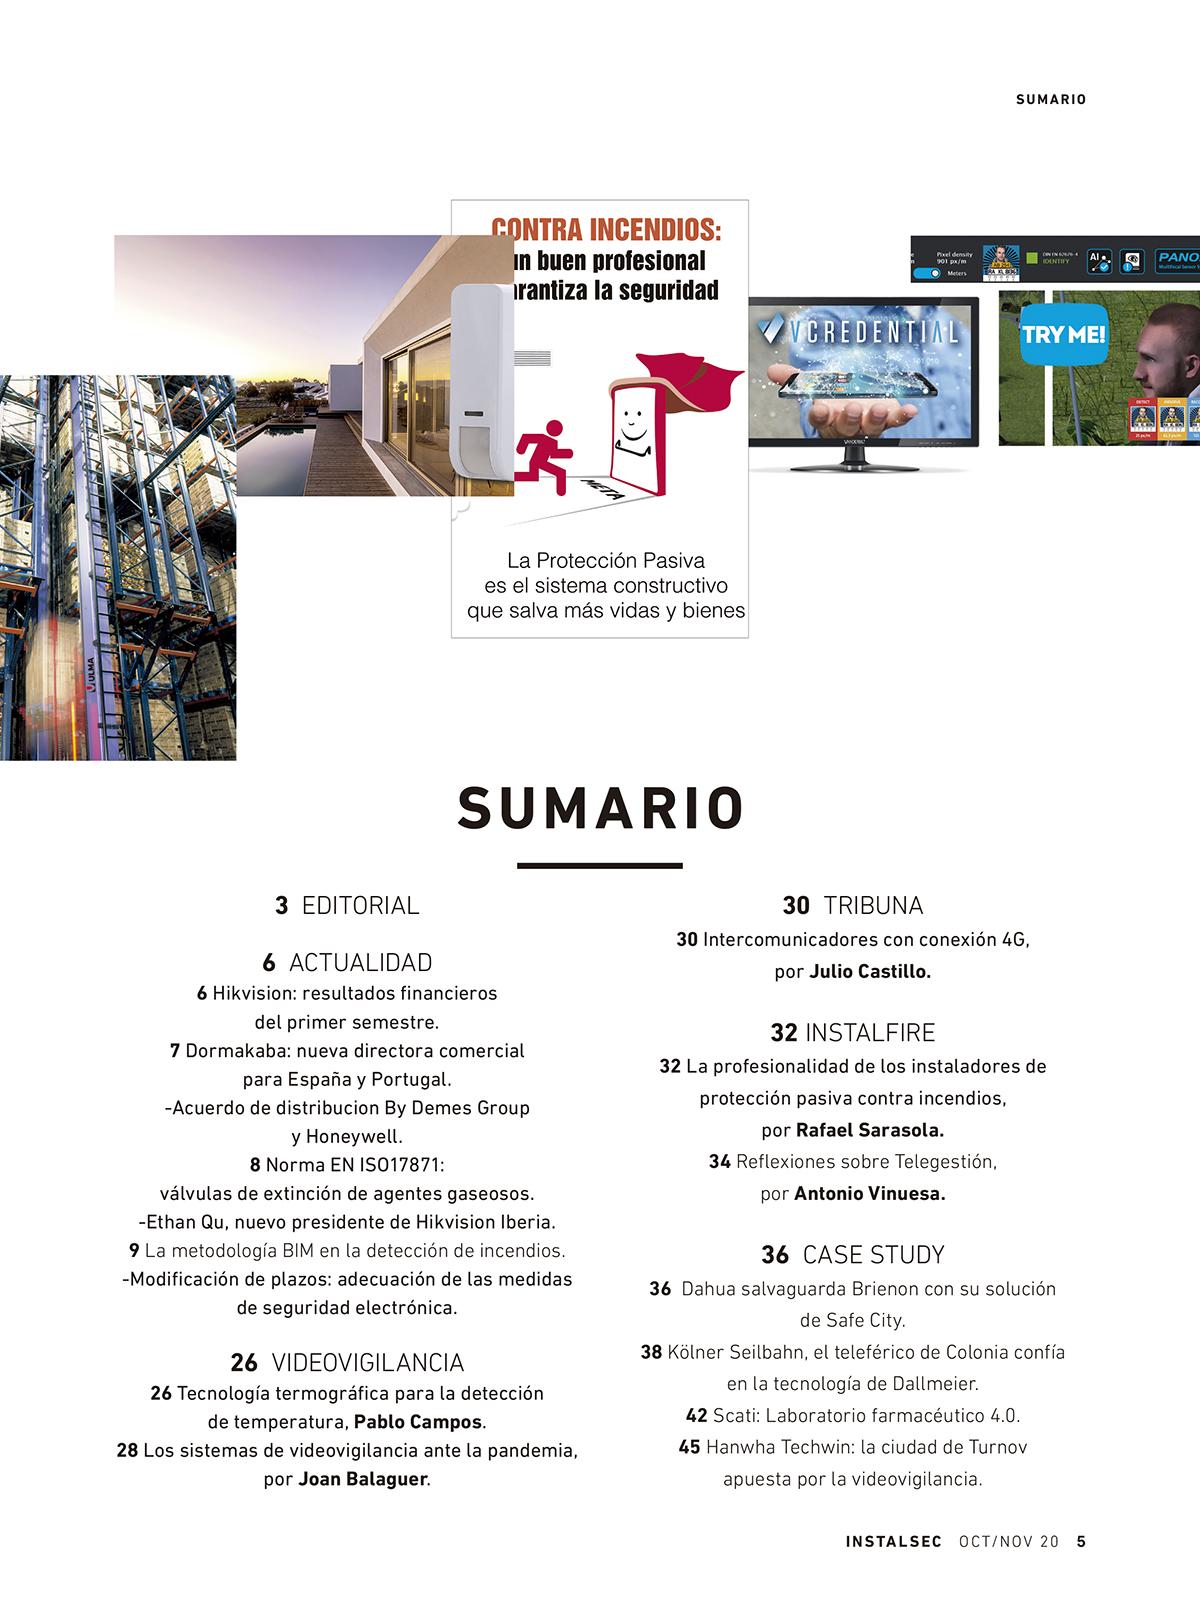 Revista Instalsec Nº 57